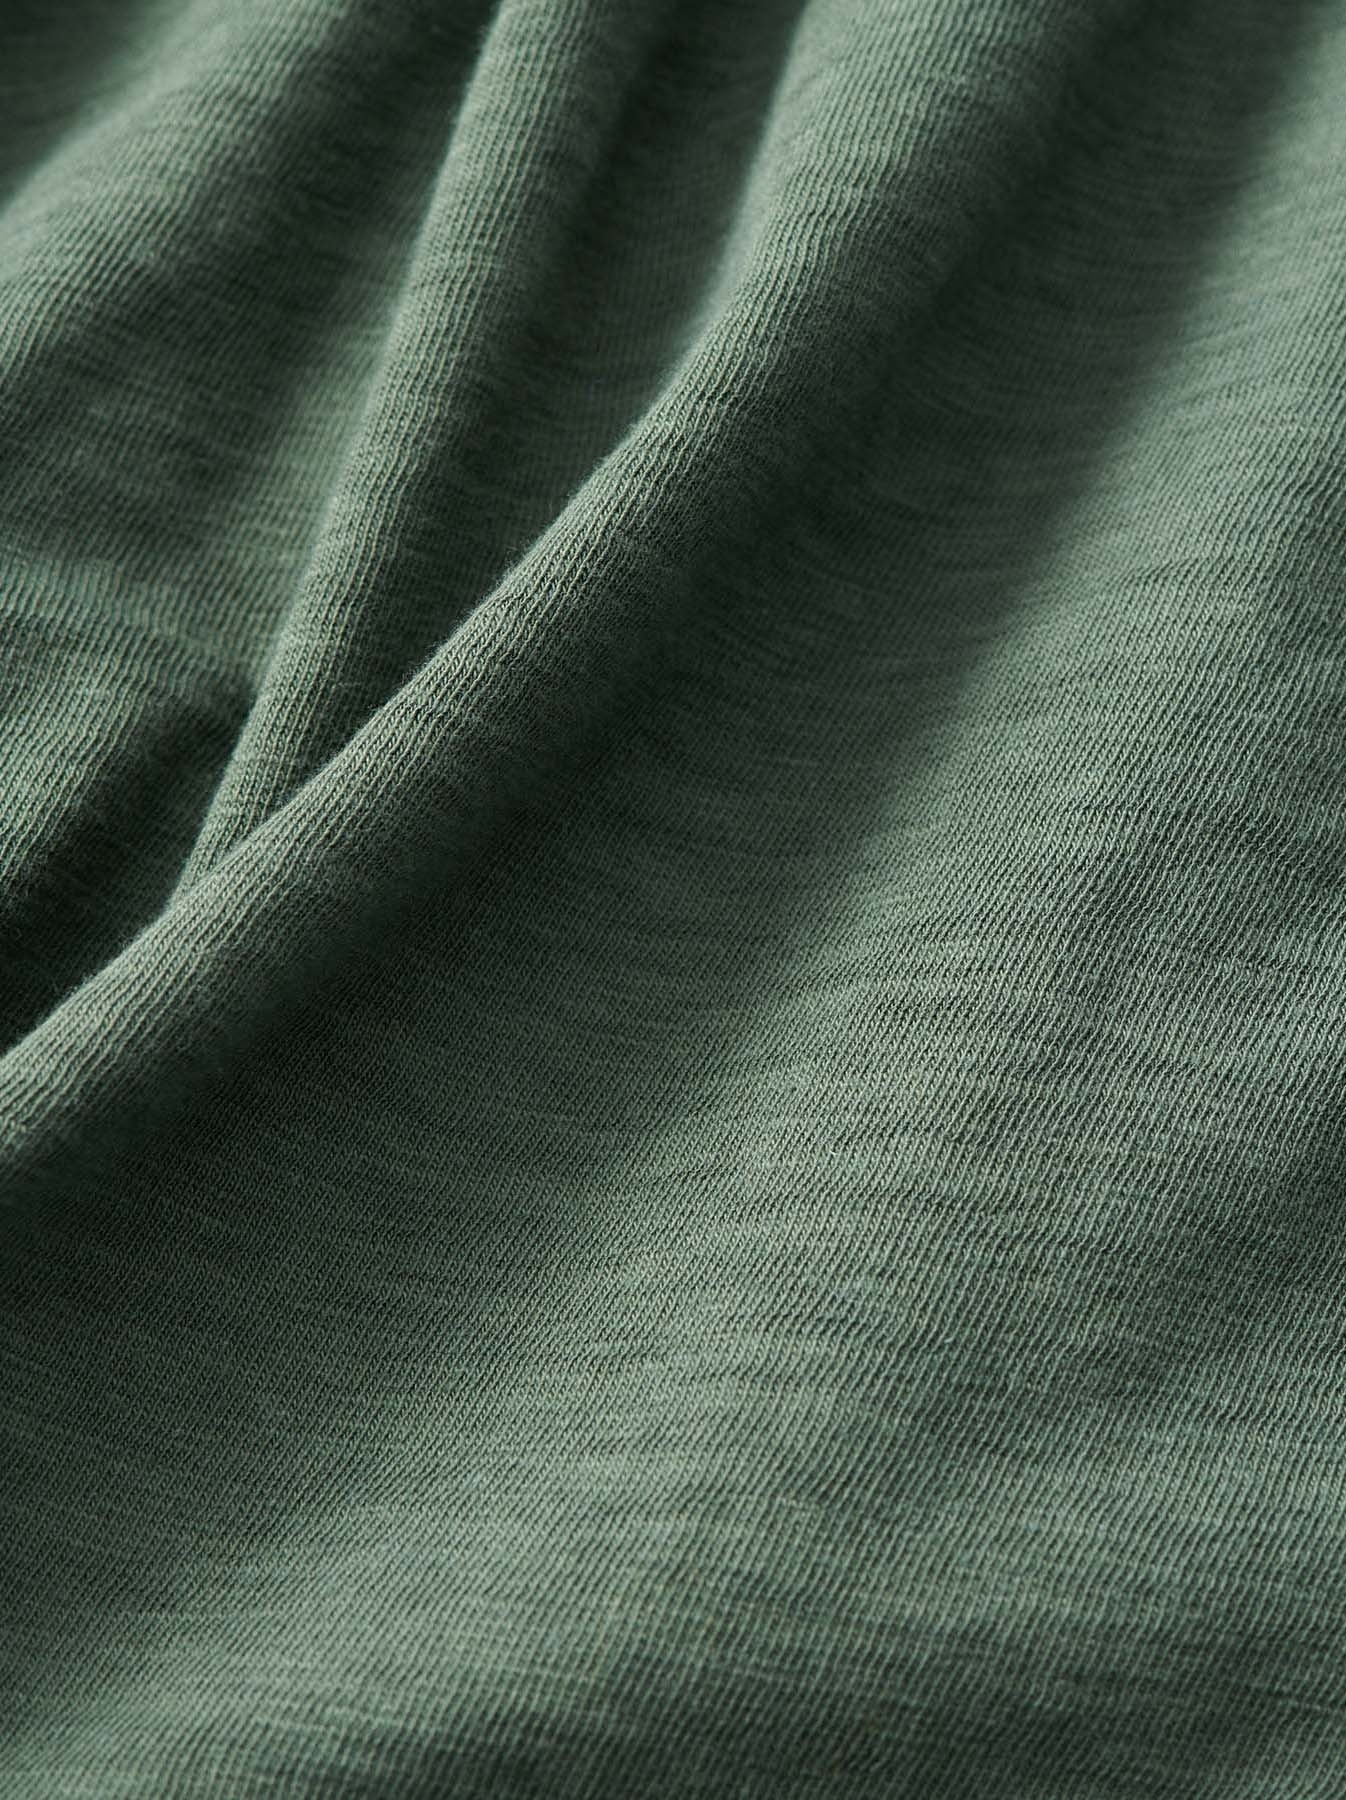 WH Tenjiku Stand Pullover Shirt-12